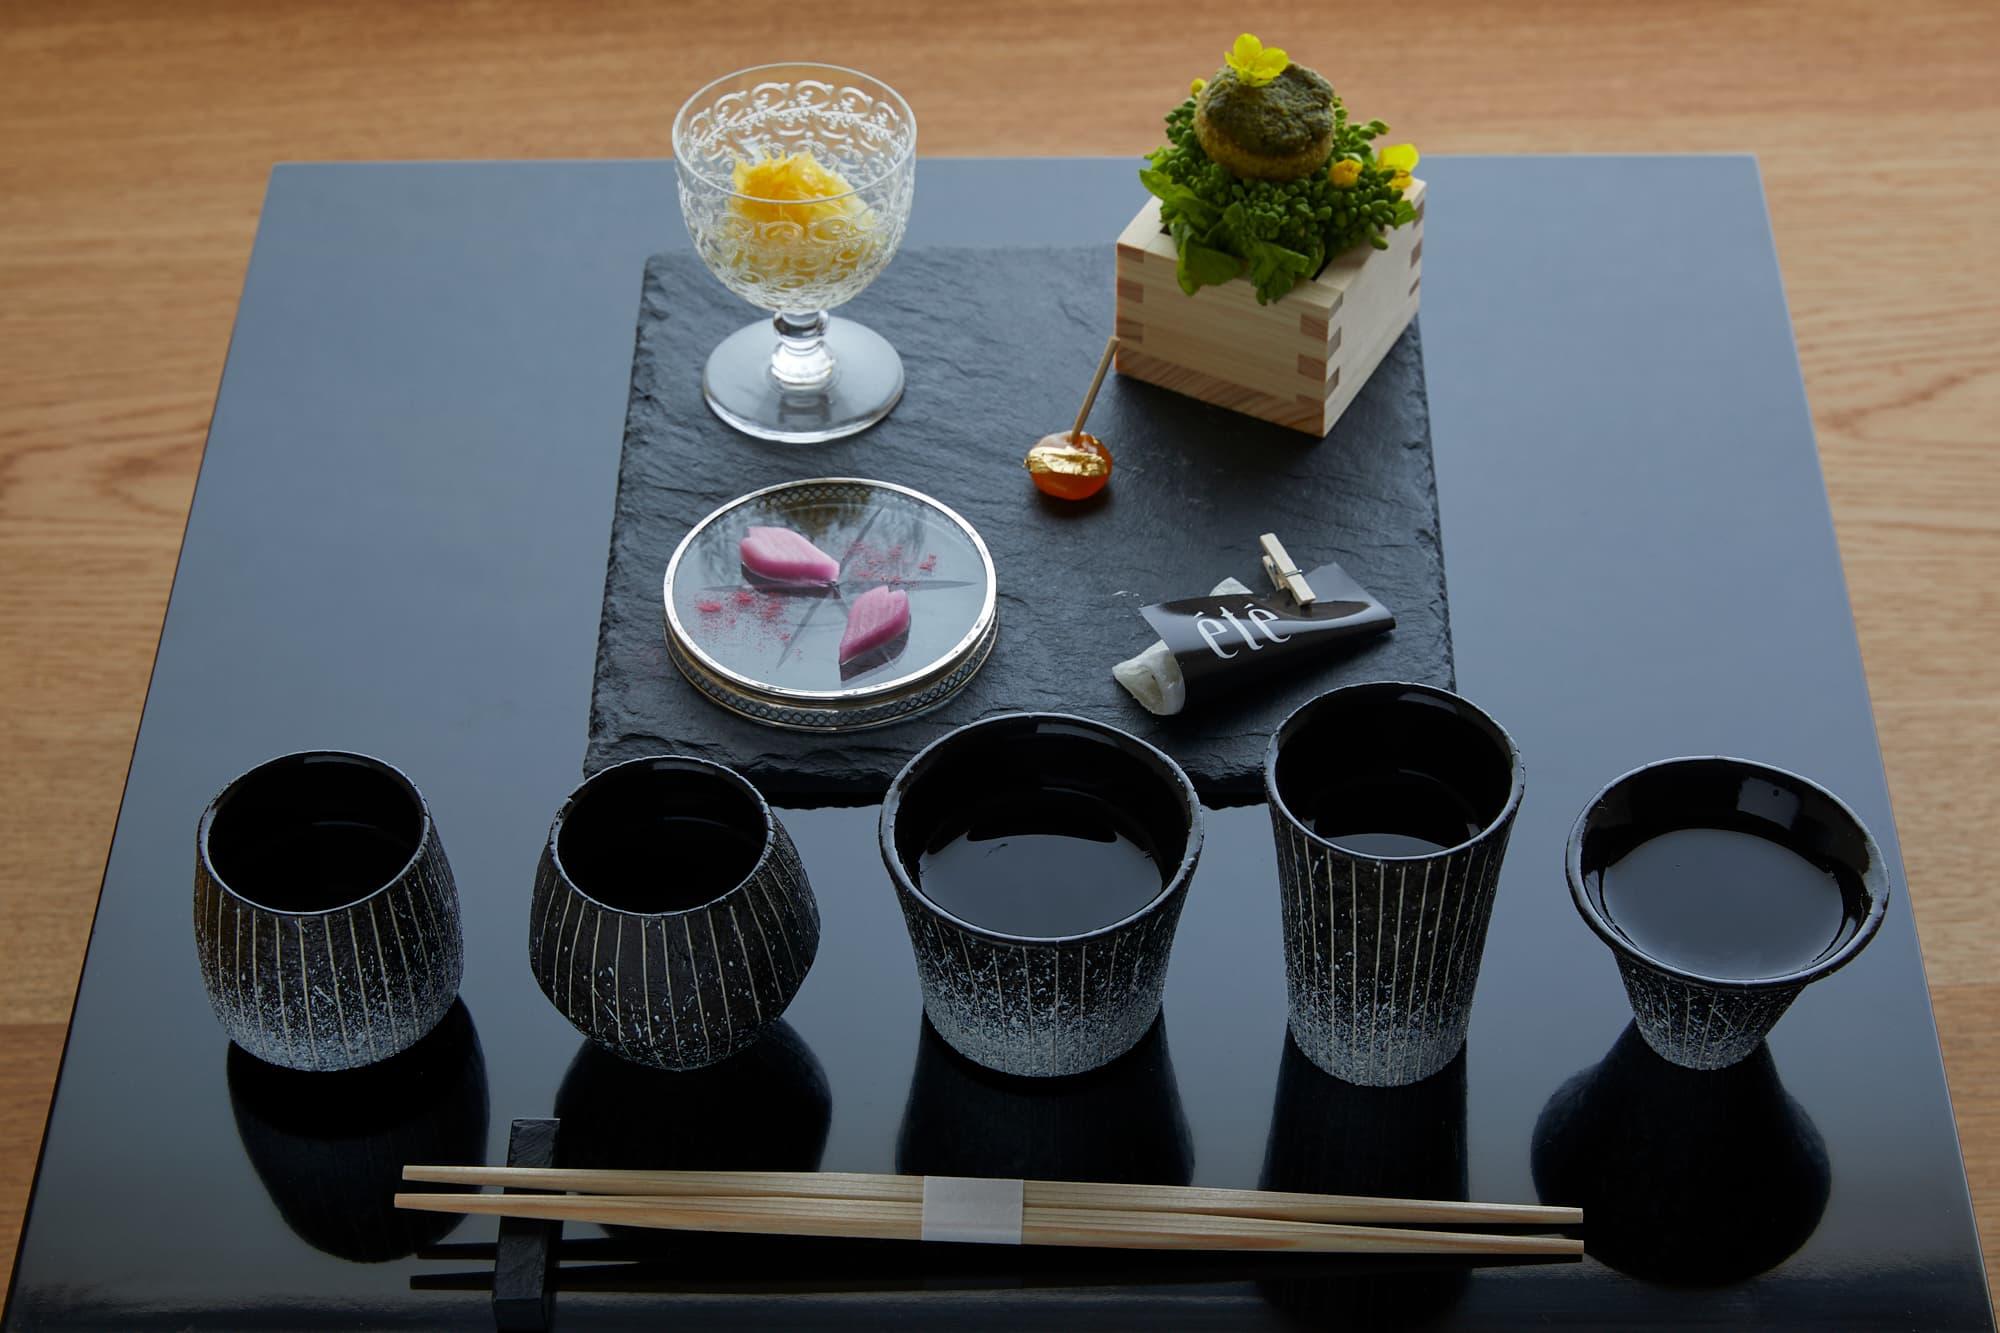 酒の肴(アテ)とともに5種類の日本酒を楽しめる「日本酒体験」